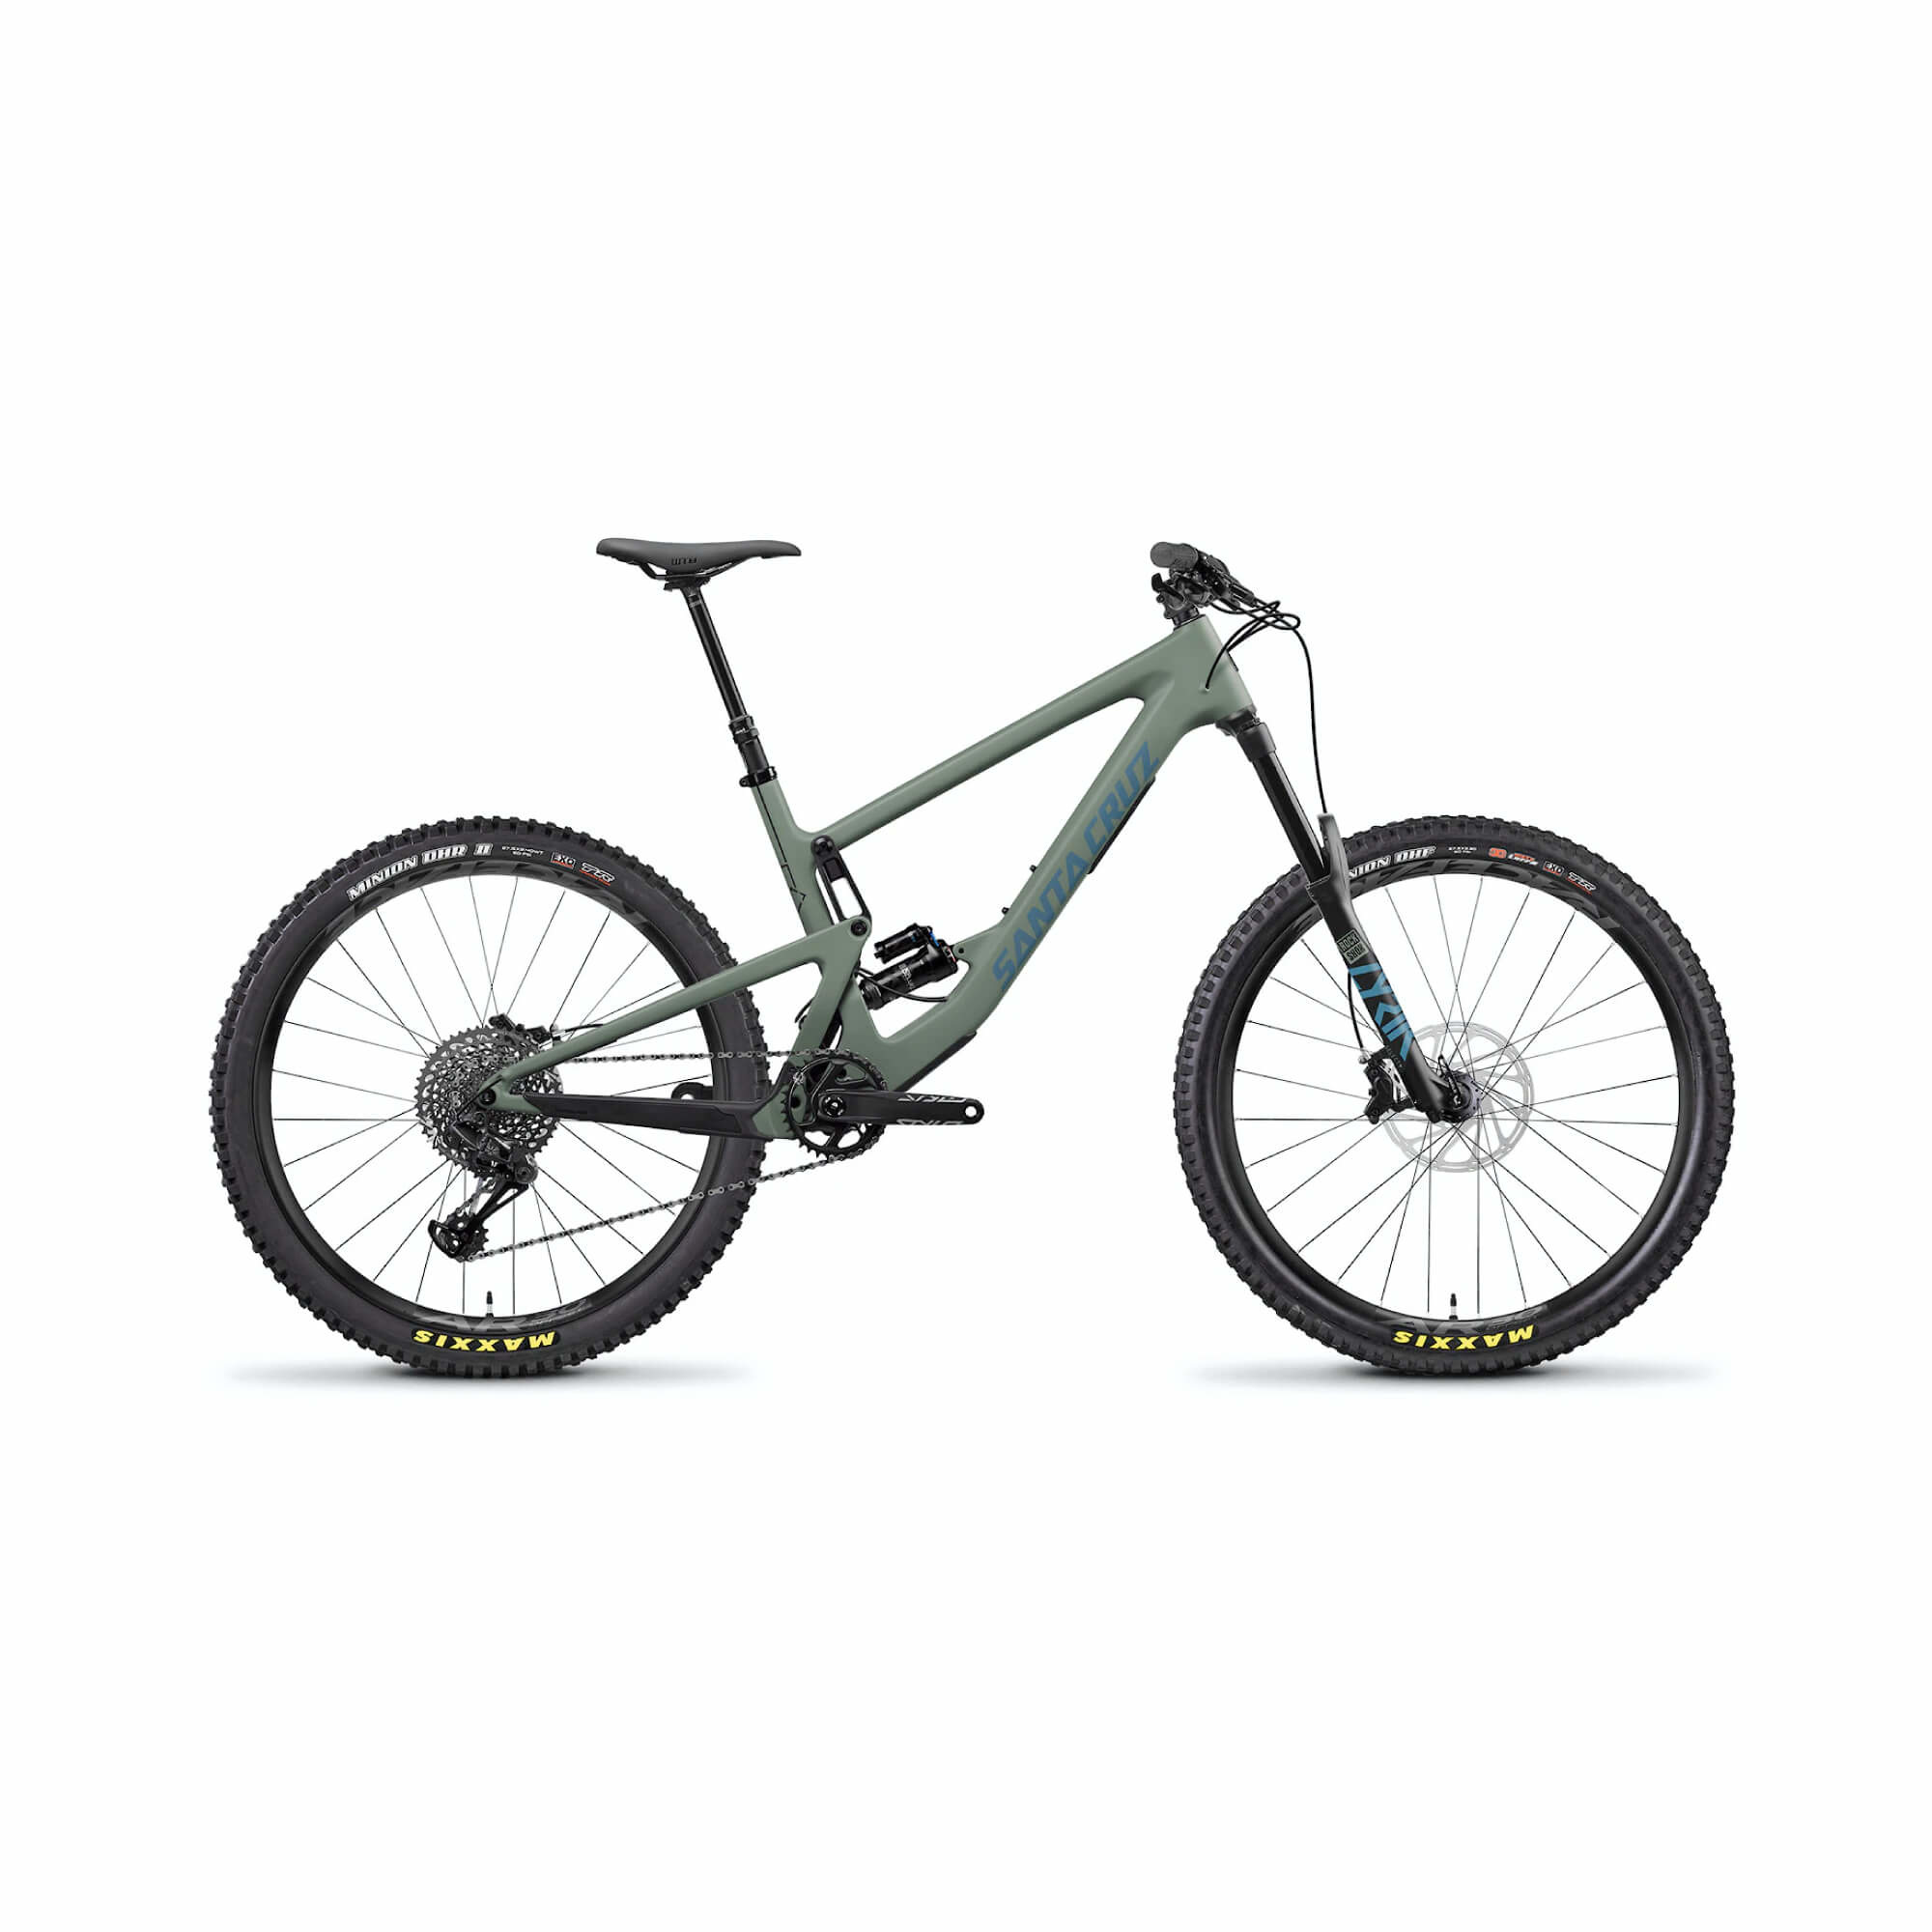 Bronson 3.0 C 27.5 S GX RS Lyrik Select + 160  2020-1